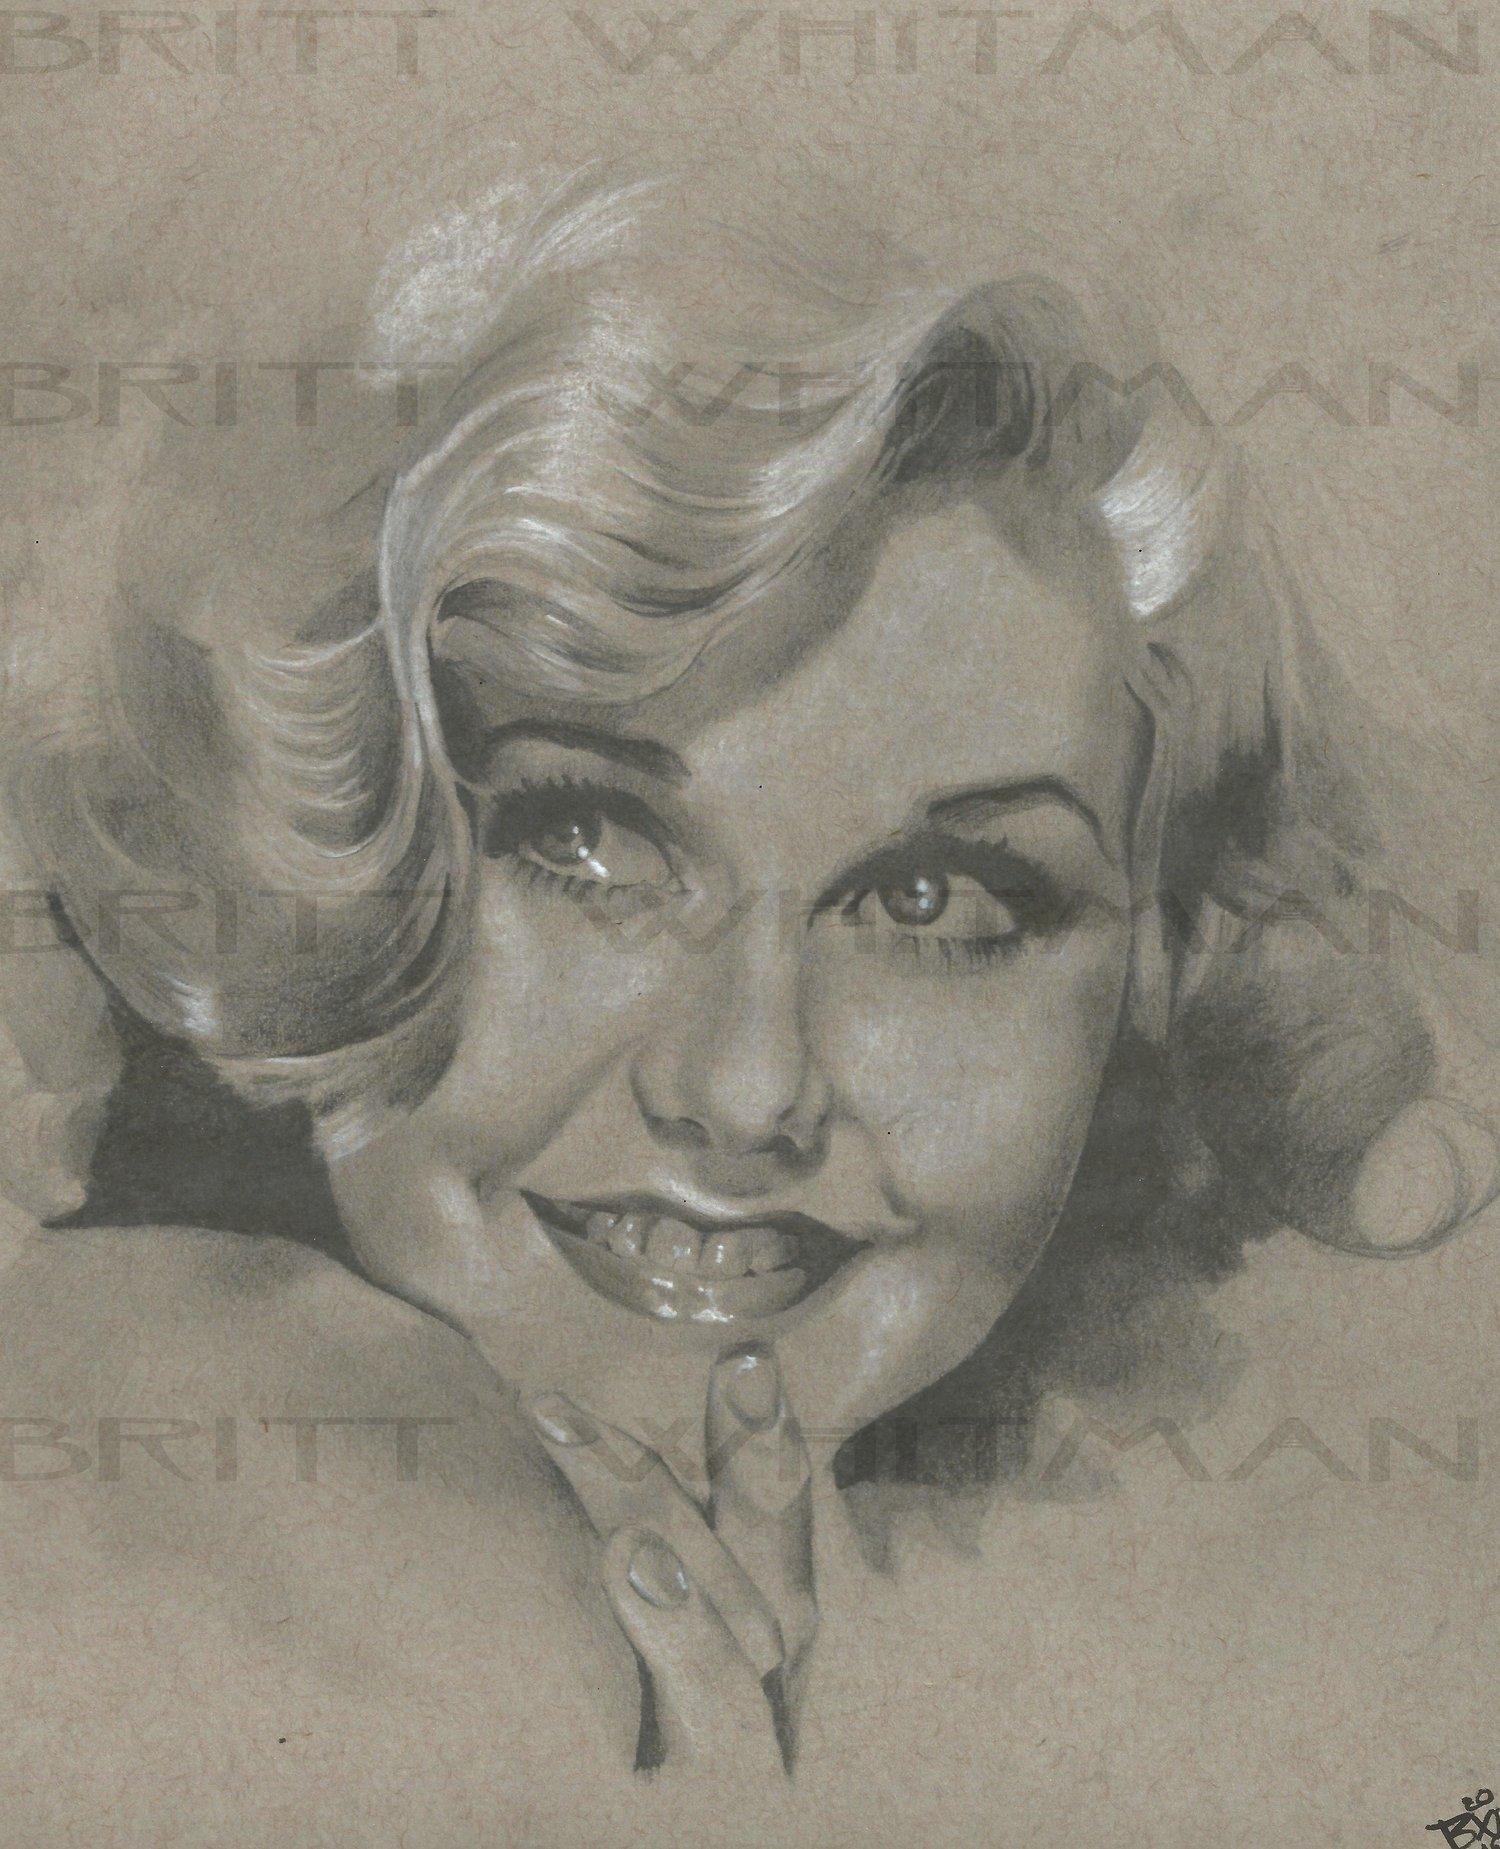 Ginger Rogers by Britt Whitman